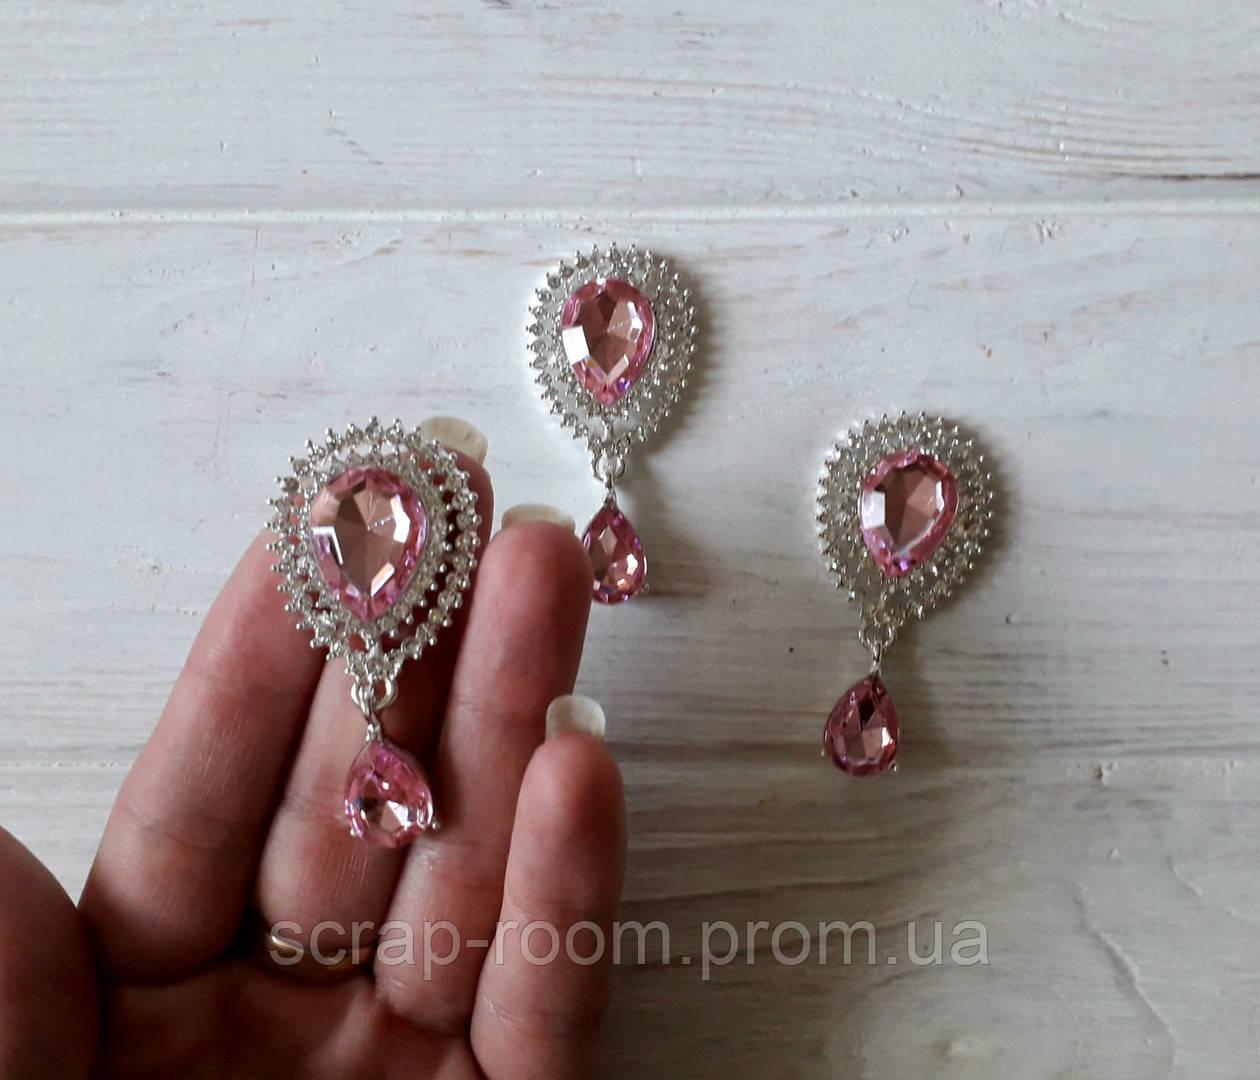 Брошь, брошь серебро с розовым камнем, брошь с подвеской, брошь свадебная, размер 25*50 мм, цена за шт